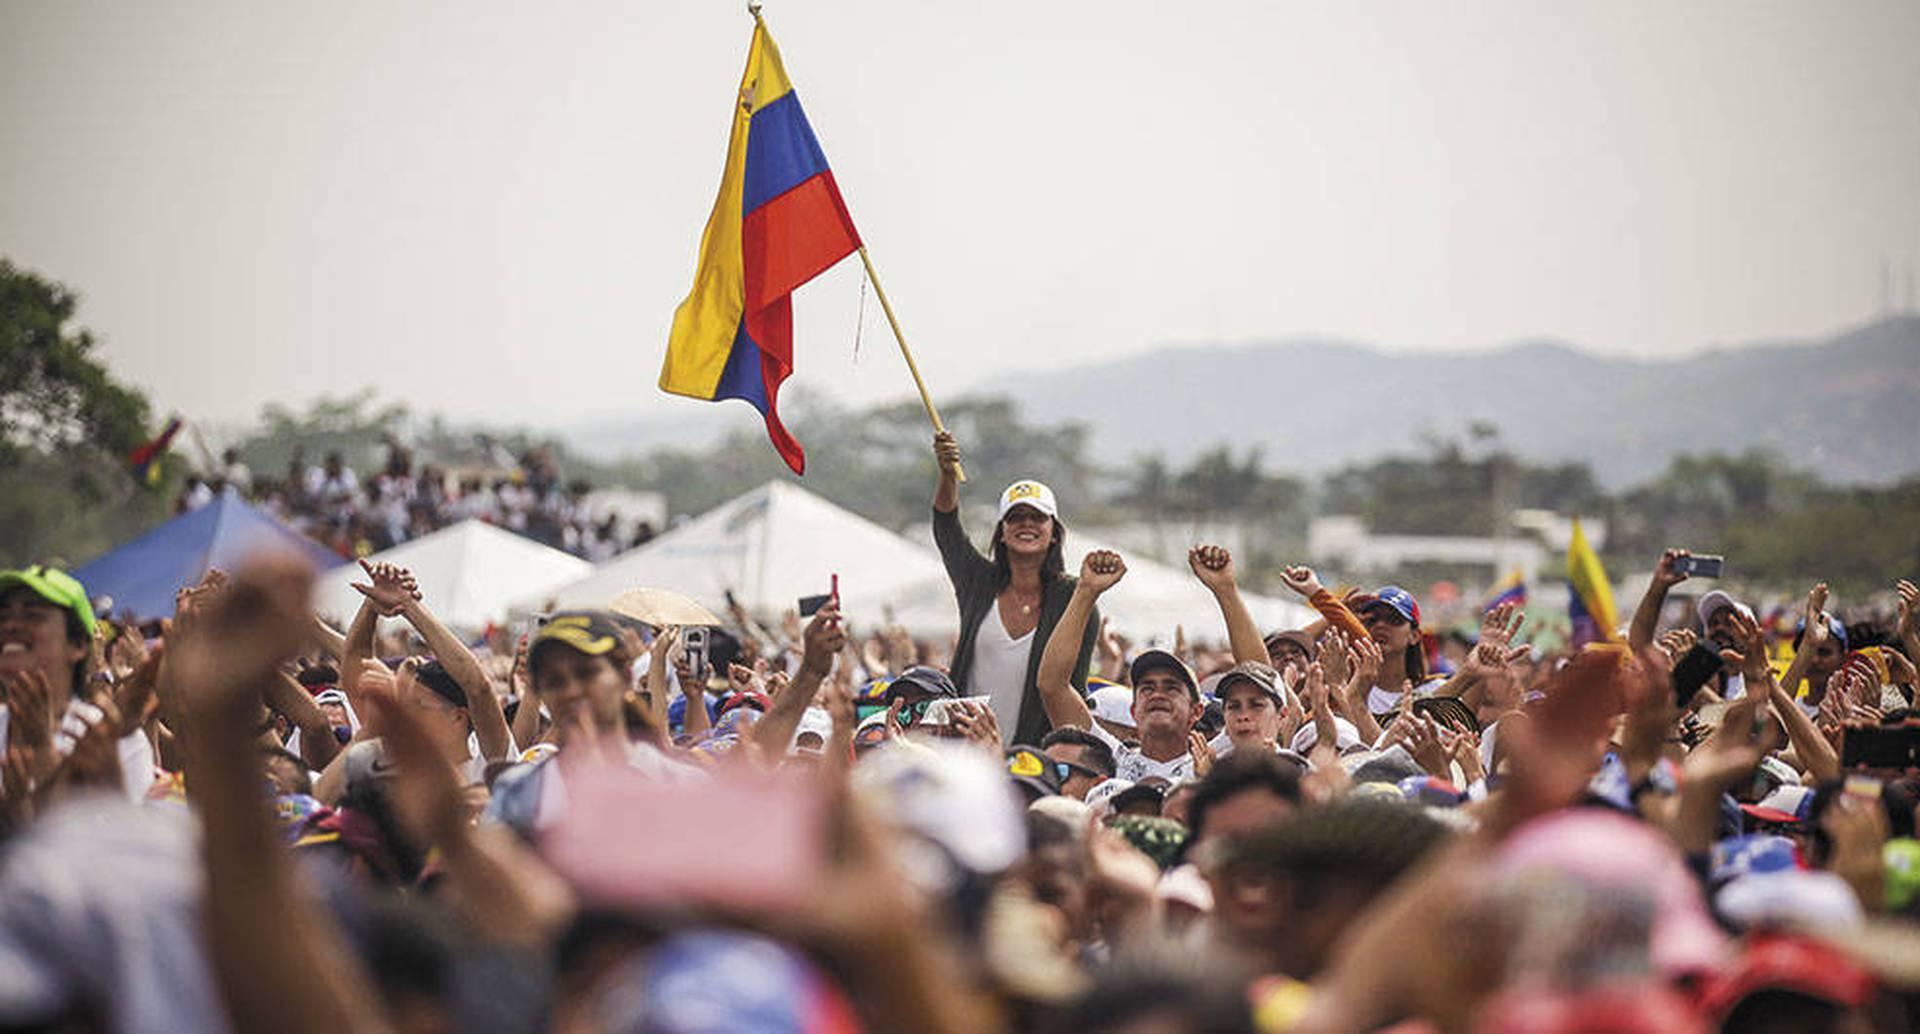 Una multitud de colombianos y venezolanos se dio cita para asistir al concierto liderado por el millonario británico Richard Branson.